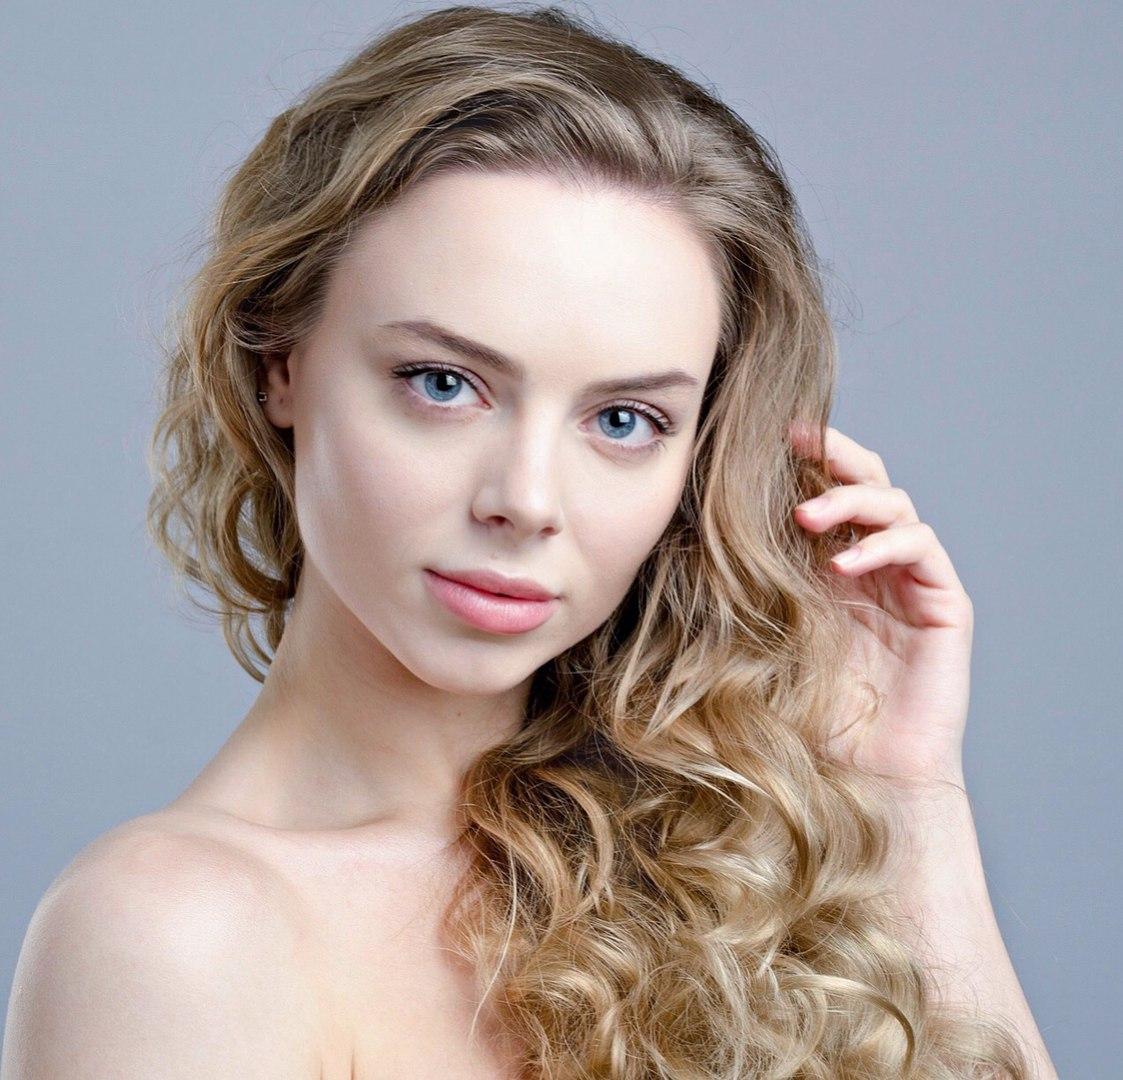 candidatas a miss russia 2018. final: 14 abril. - Página 3 Gk9_M_yn5u2w